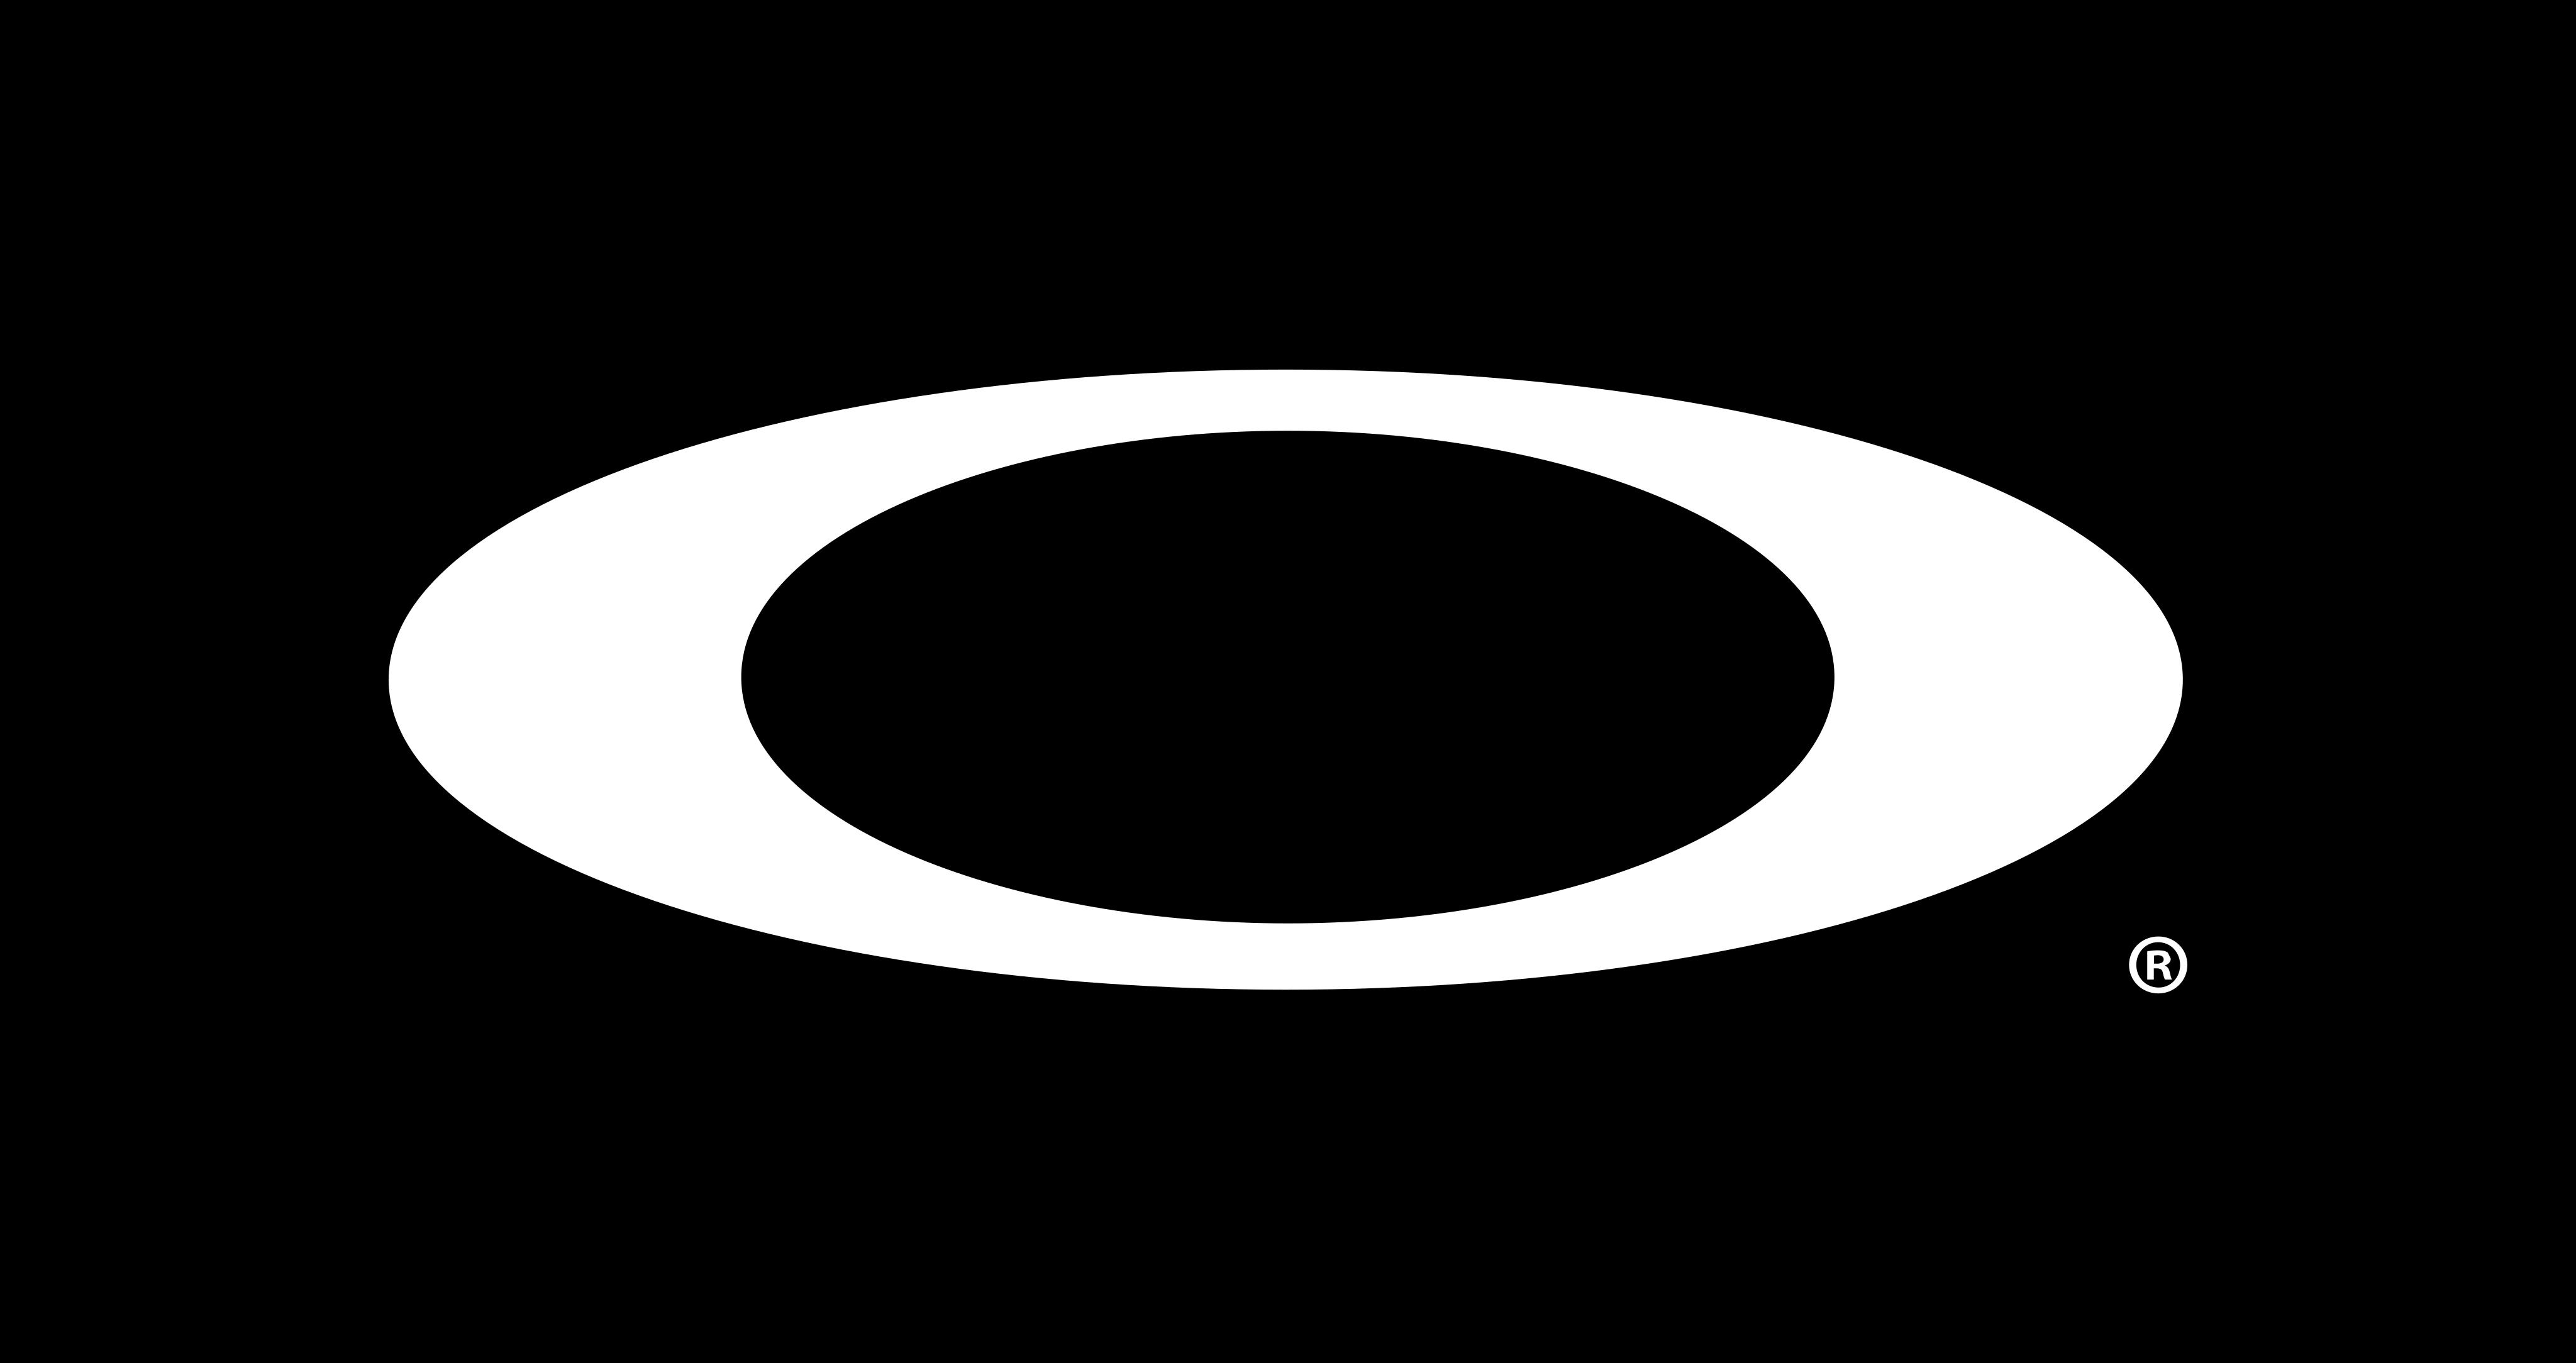 oakley logo 1 - Oakley Logo